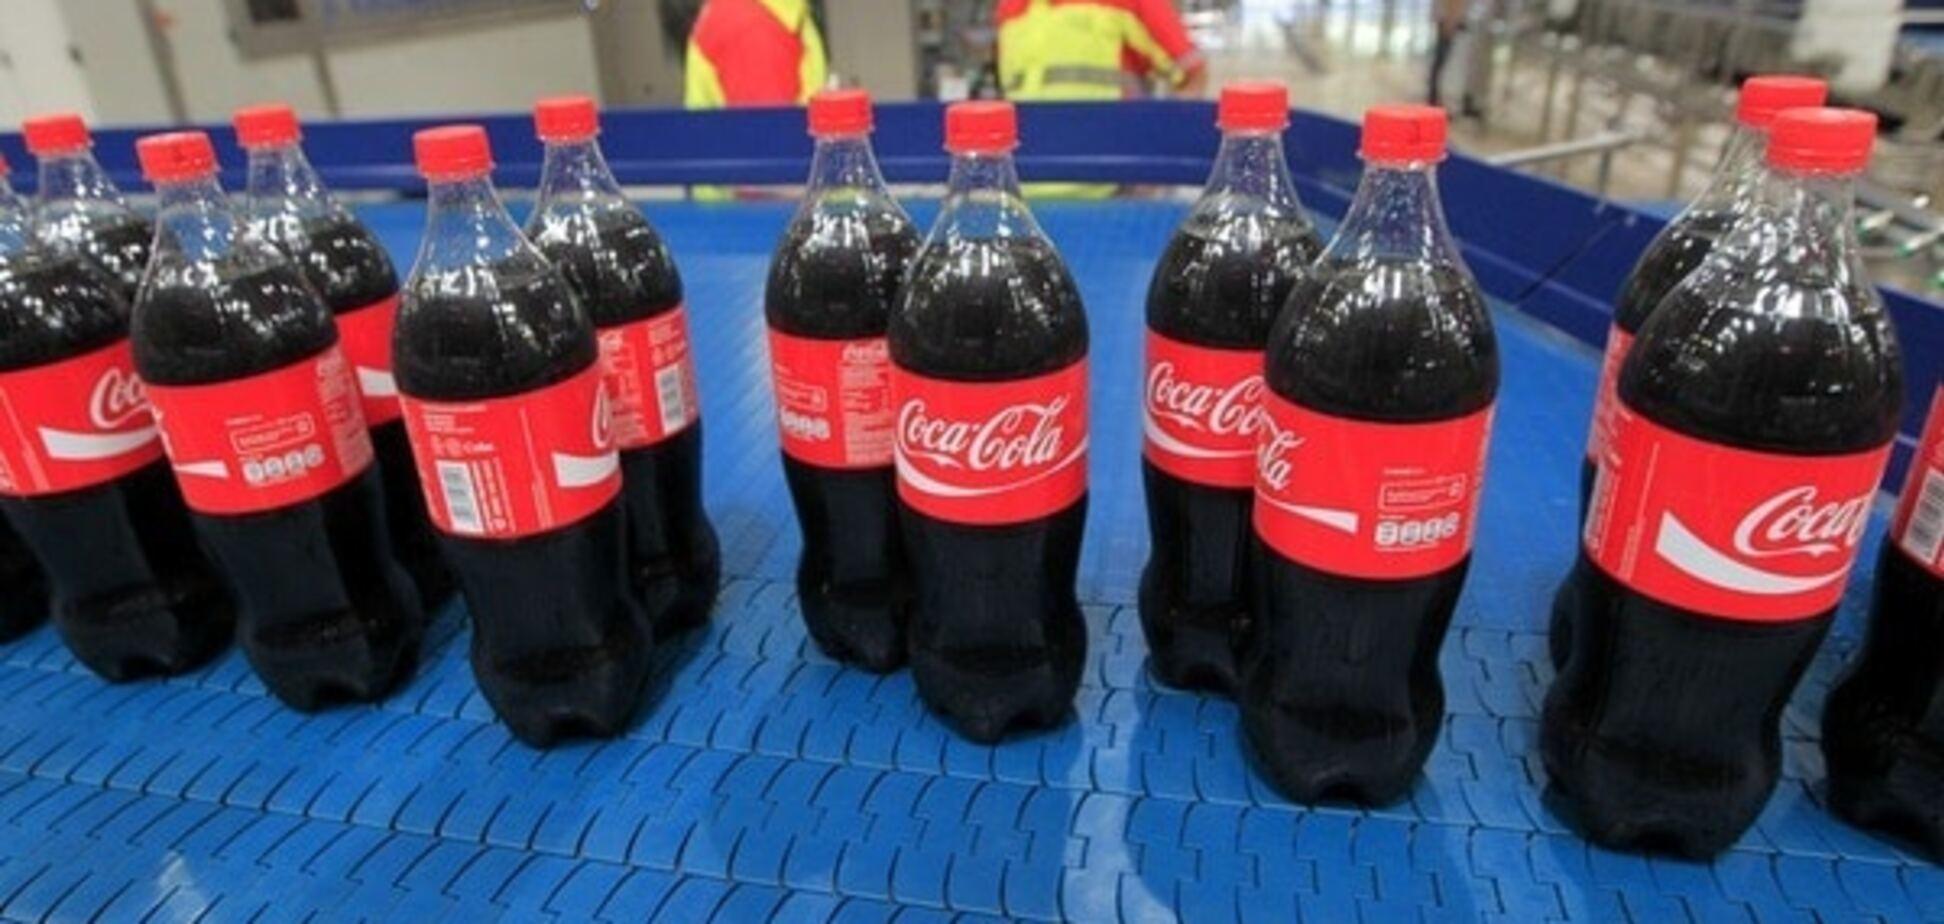 Посол України в США про скандал з Coca-Cola: це сигнал всім компаніям